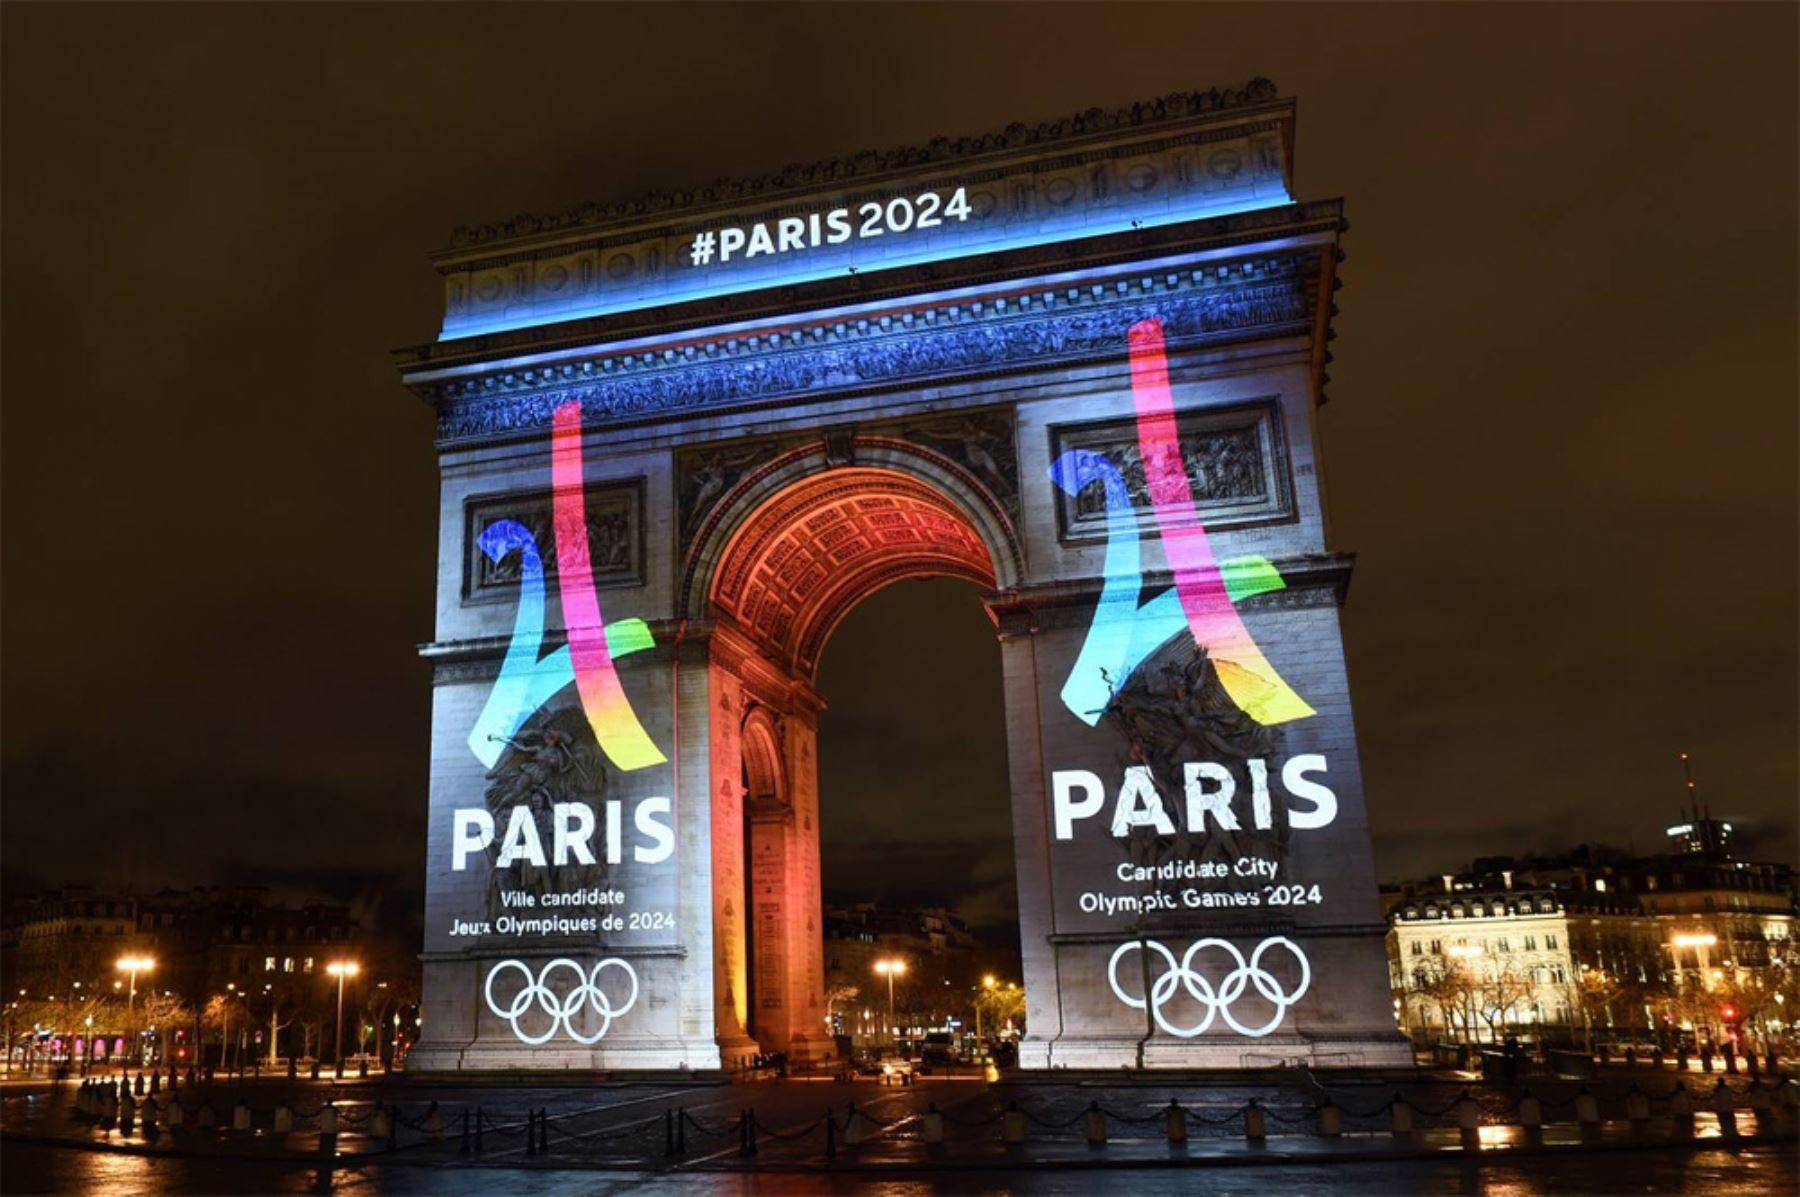 Paris 2024 Quiere A Los Esports En Los Juegos Olimpicos Coi